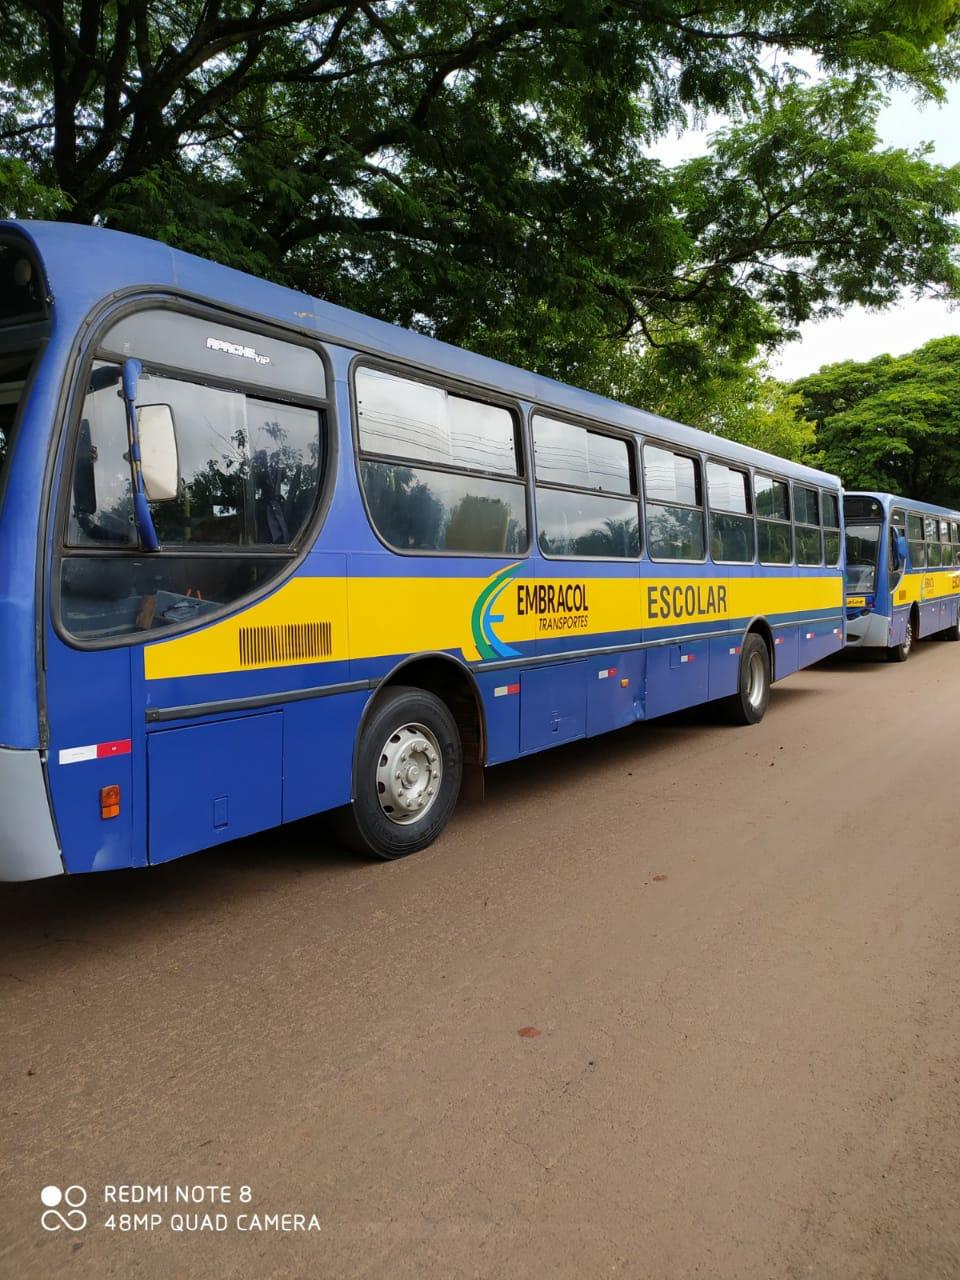 Vistoria  nos ônibus  do Transporte Escolar  das empresas terceirizadas.